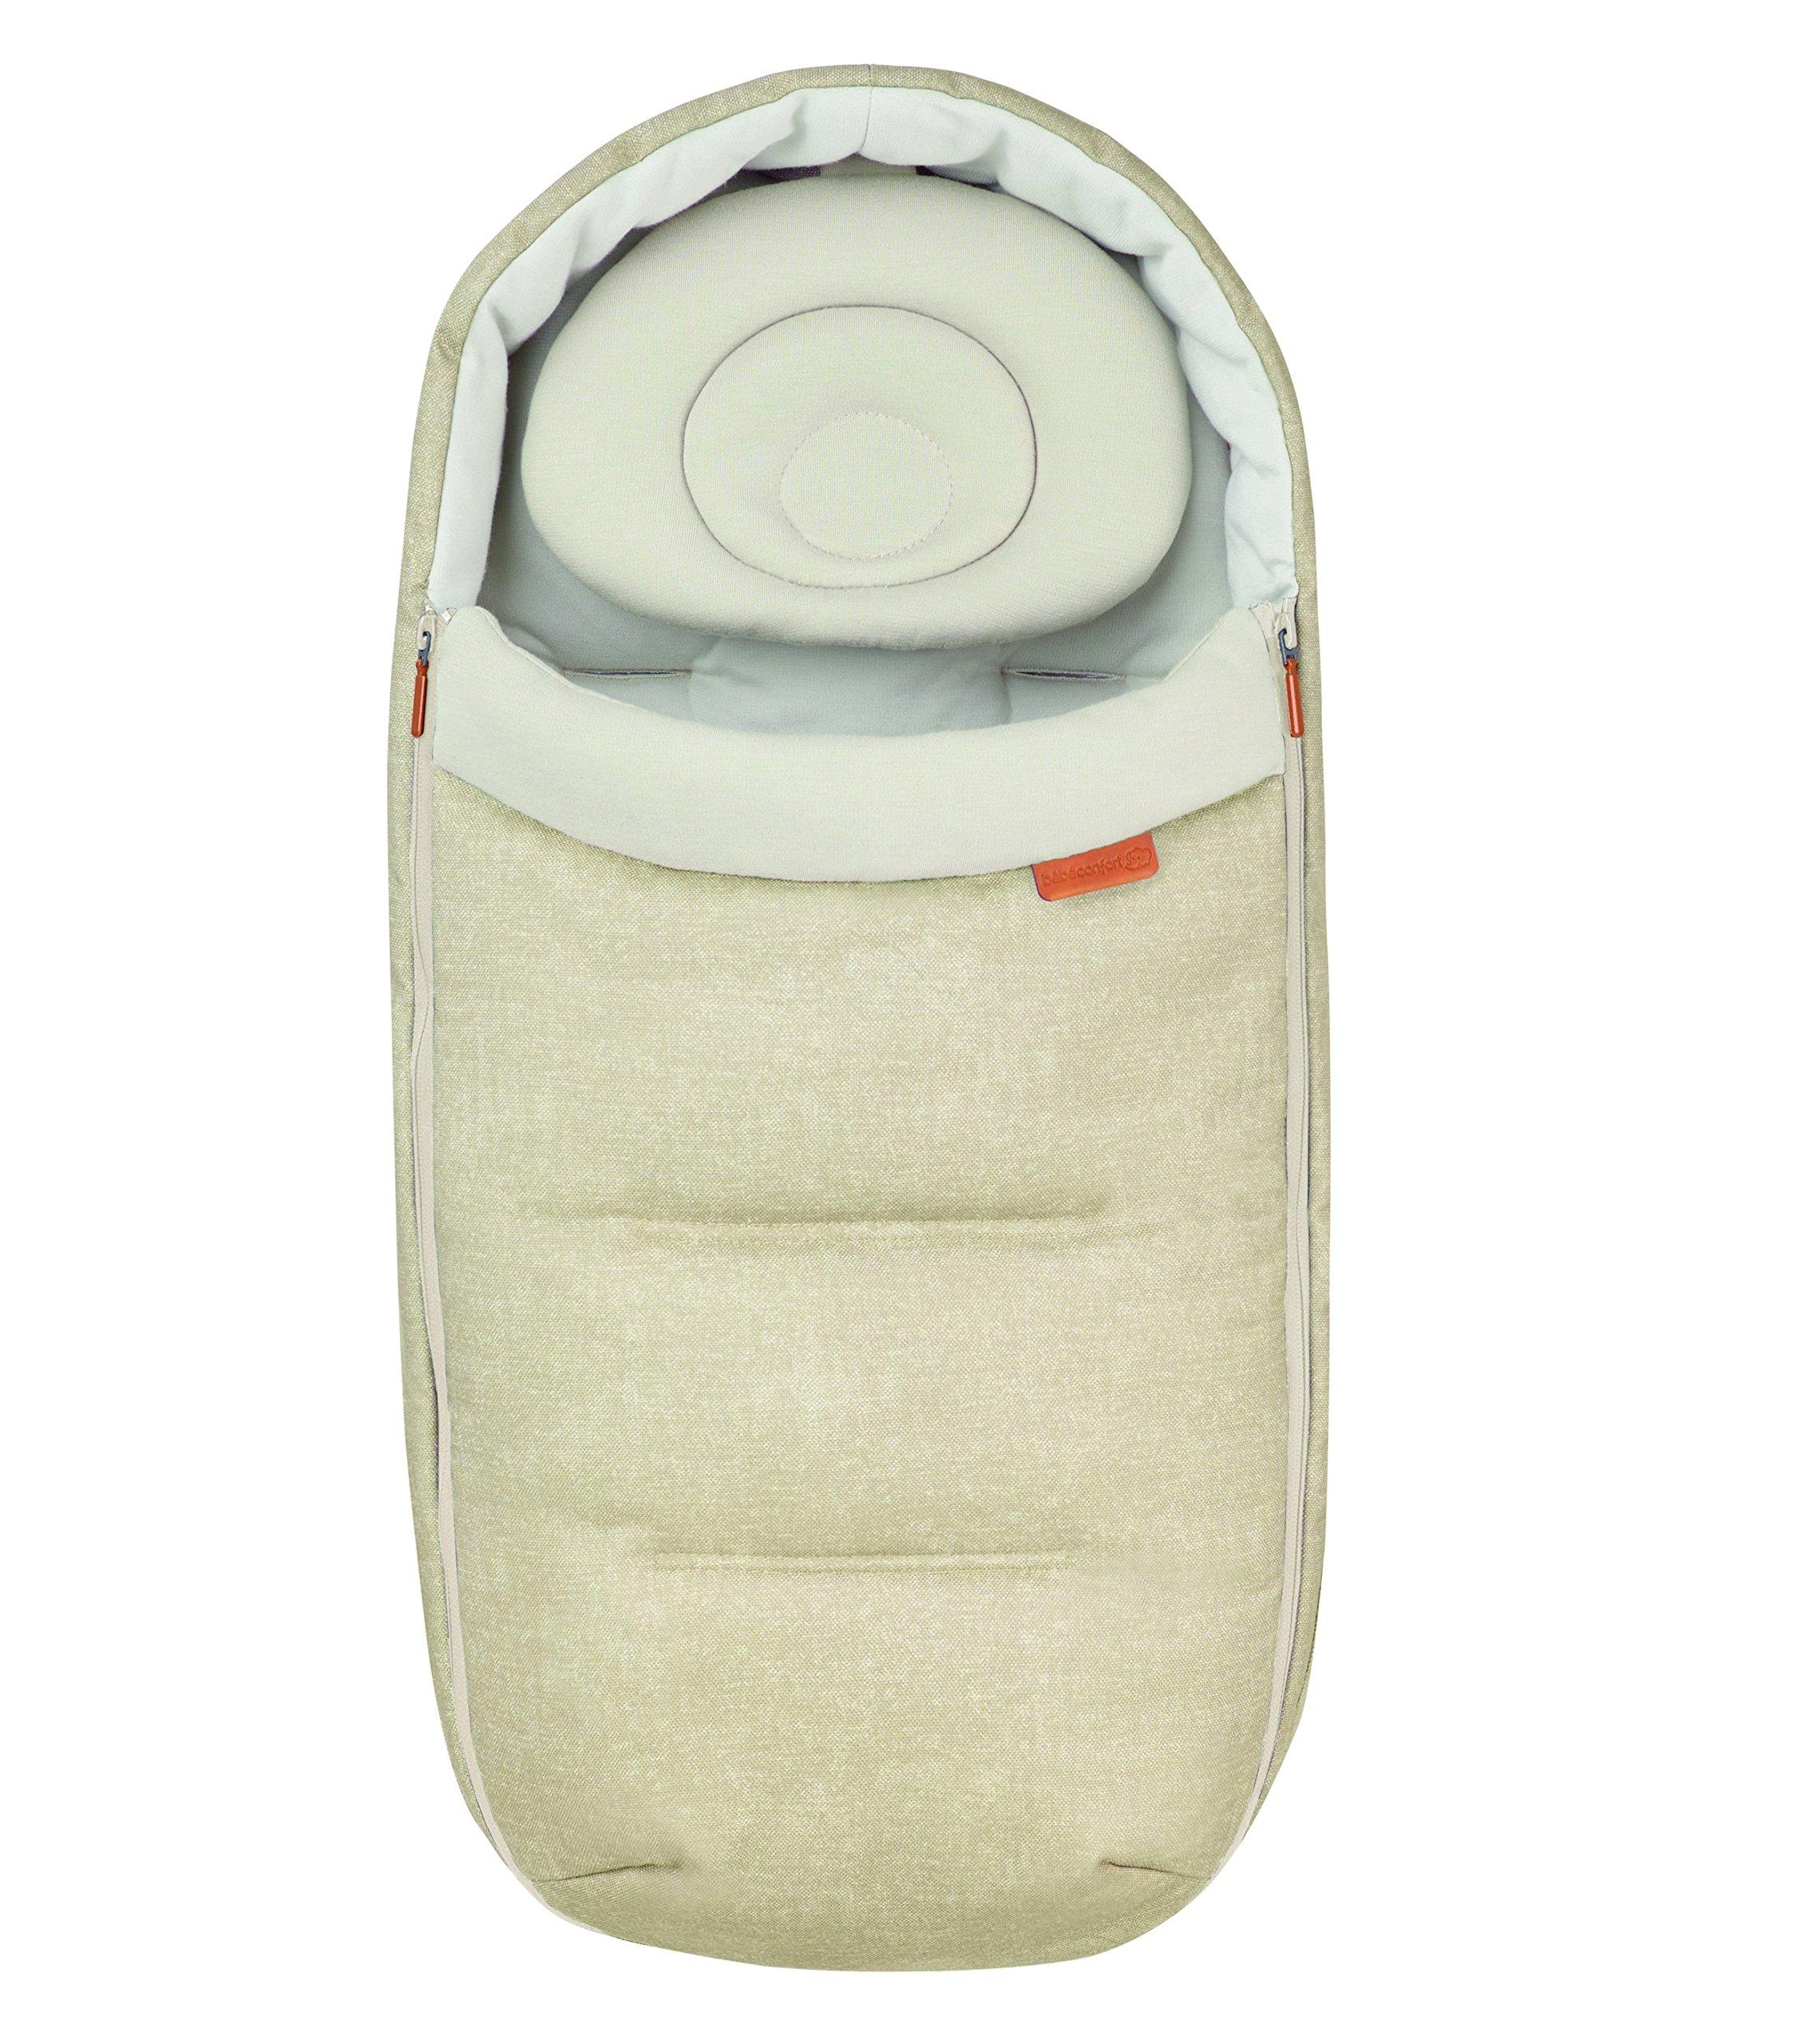 Bébé Confort 1819332210 Baby Cocoon Sacco, Beige